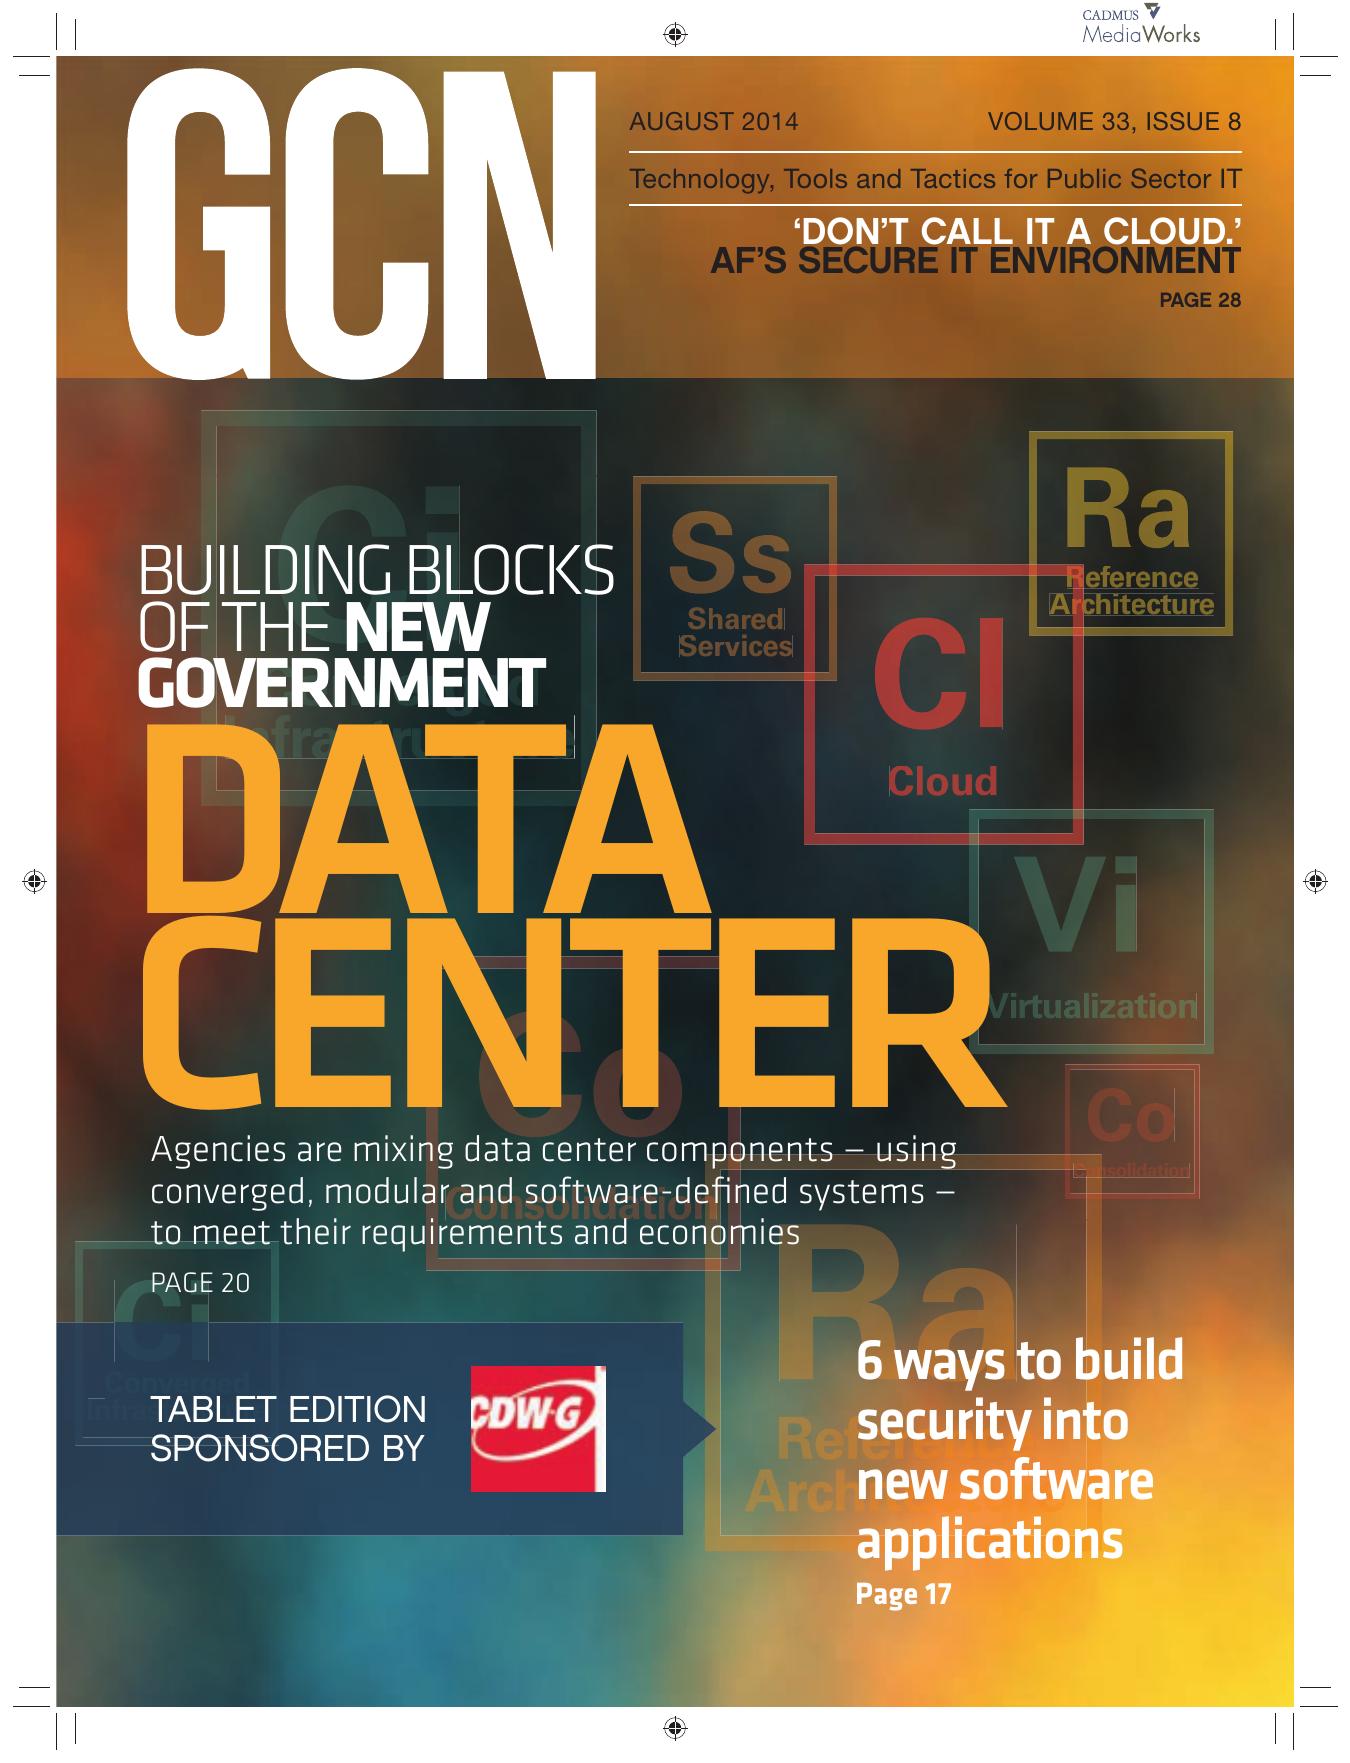 building blocks of the new government | manualzz com